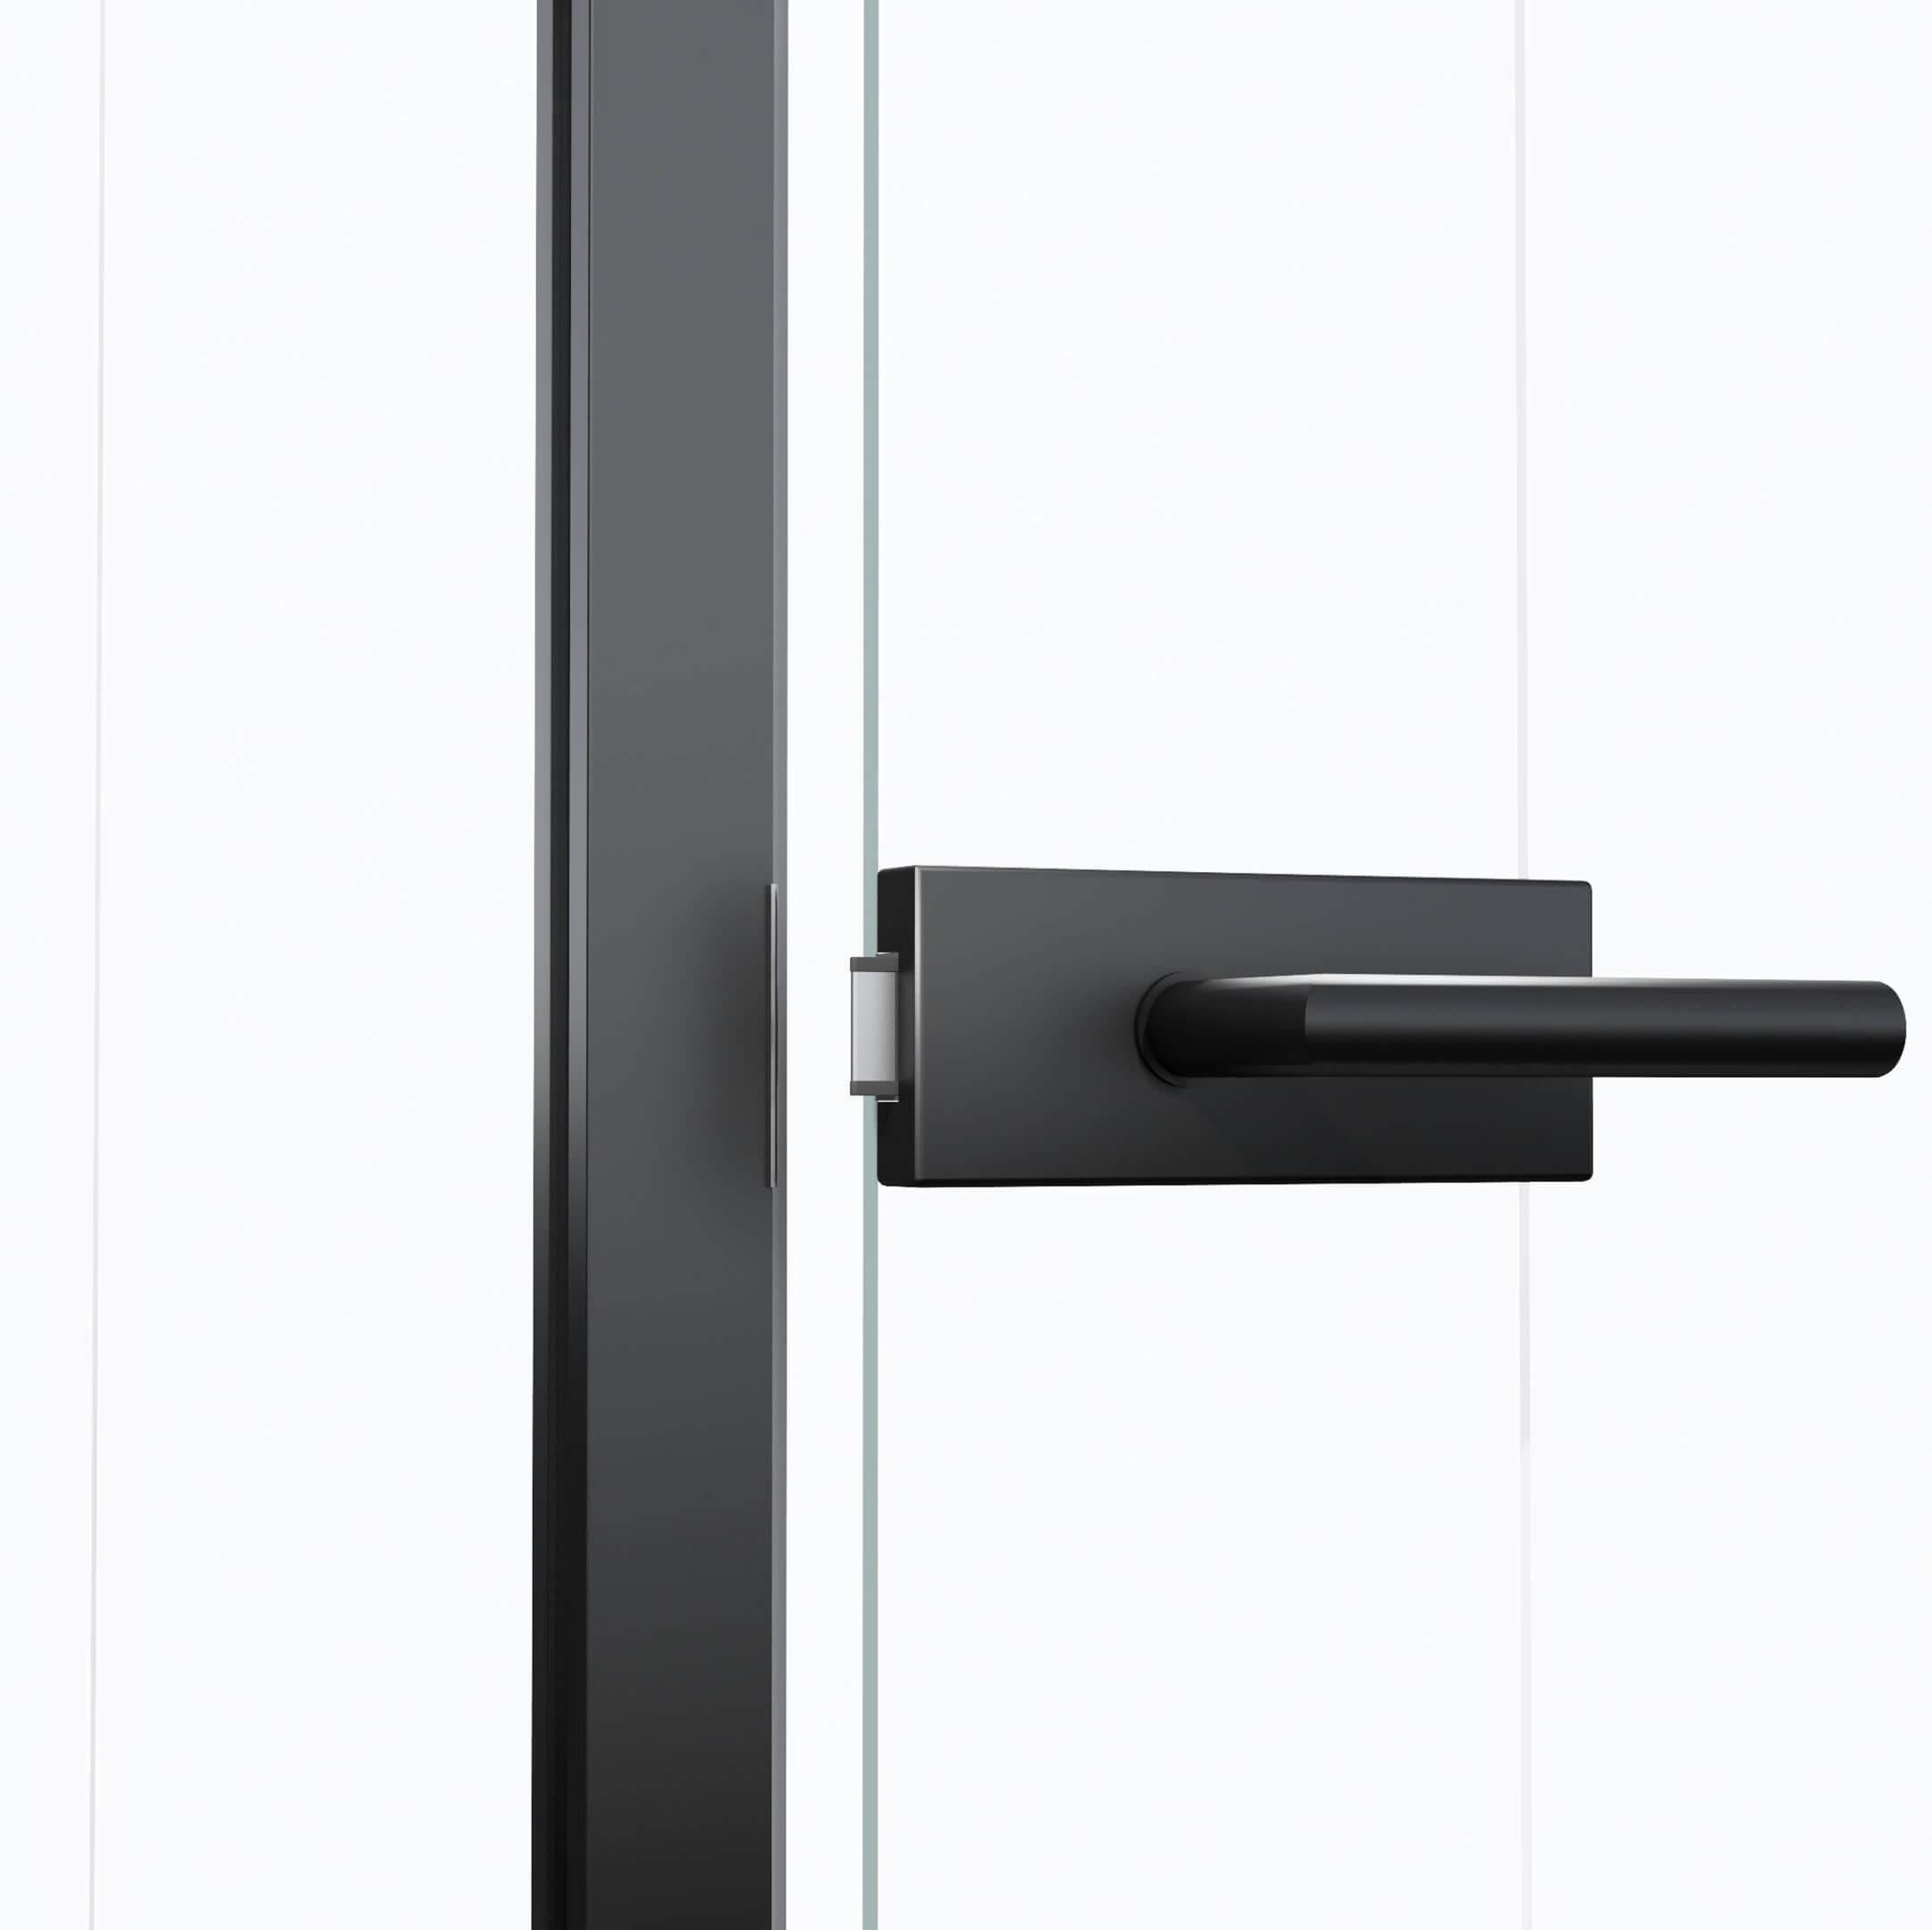 SILEN SPACE-BLACK DOOR HANDLE